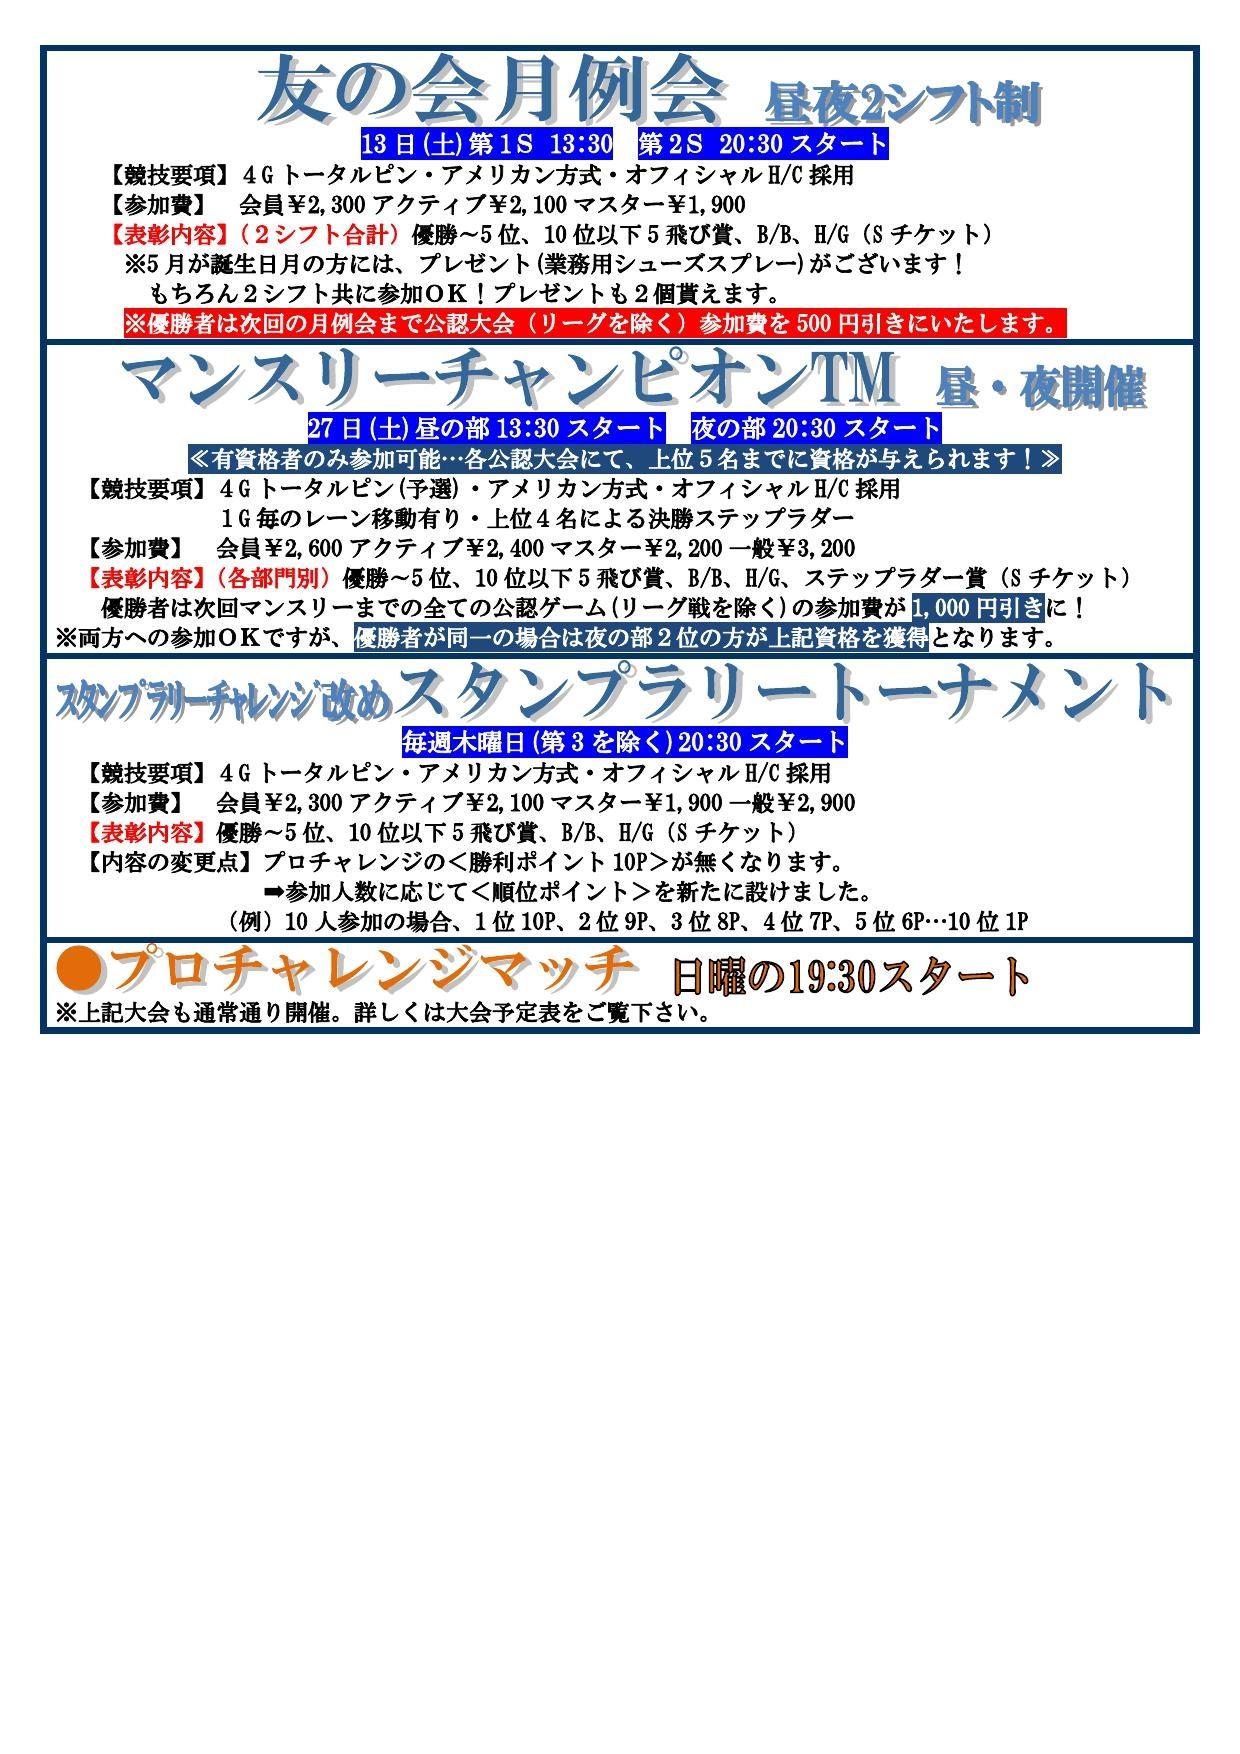 2017.5お知らせ2